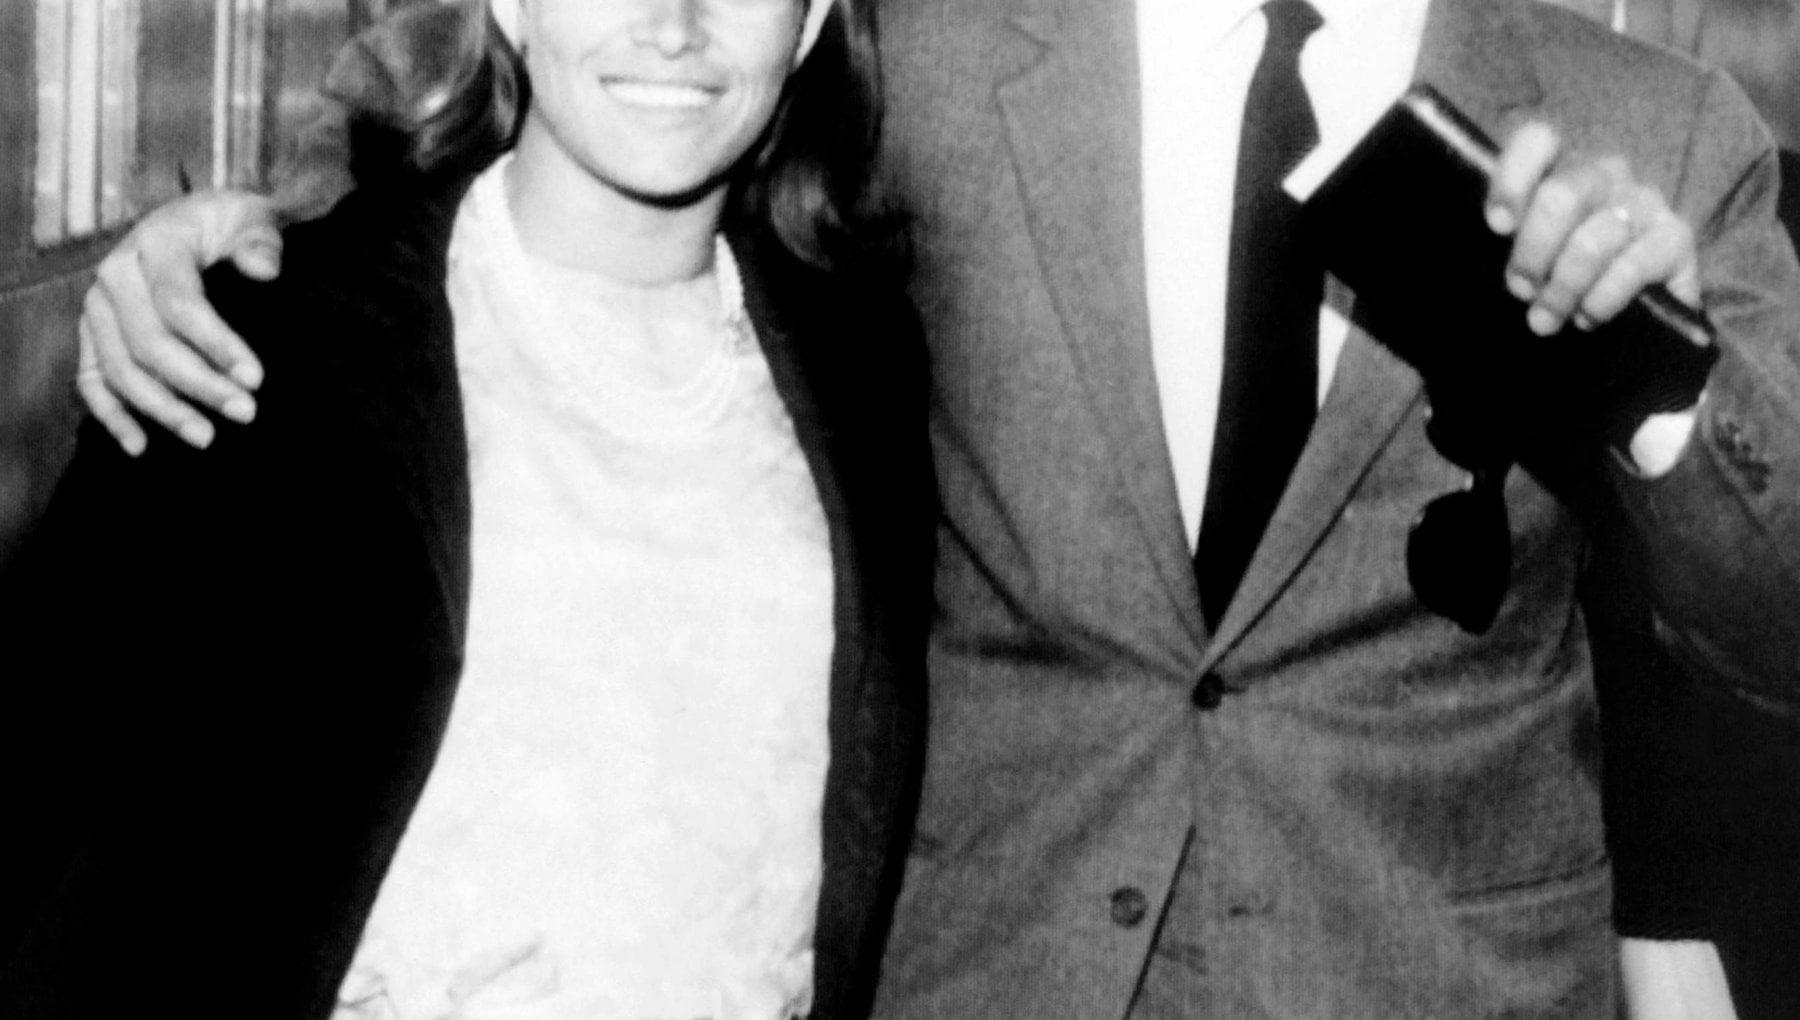 E morta Nathalie Delon attrice ed ex moglie di Alain Delon